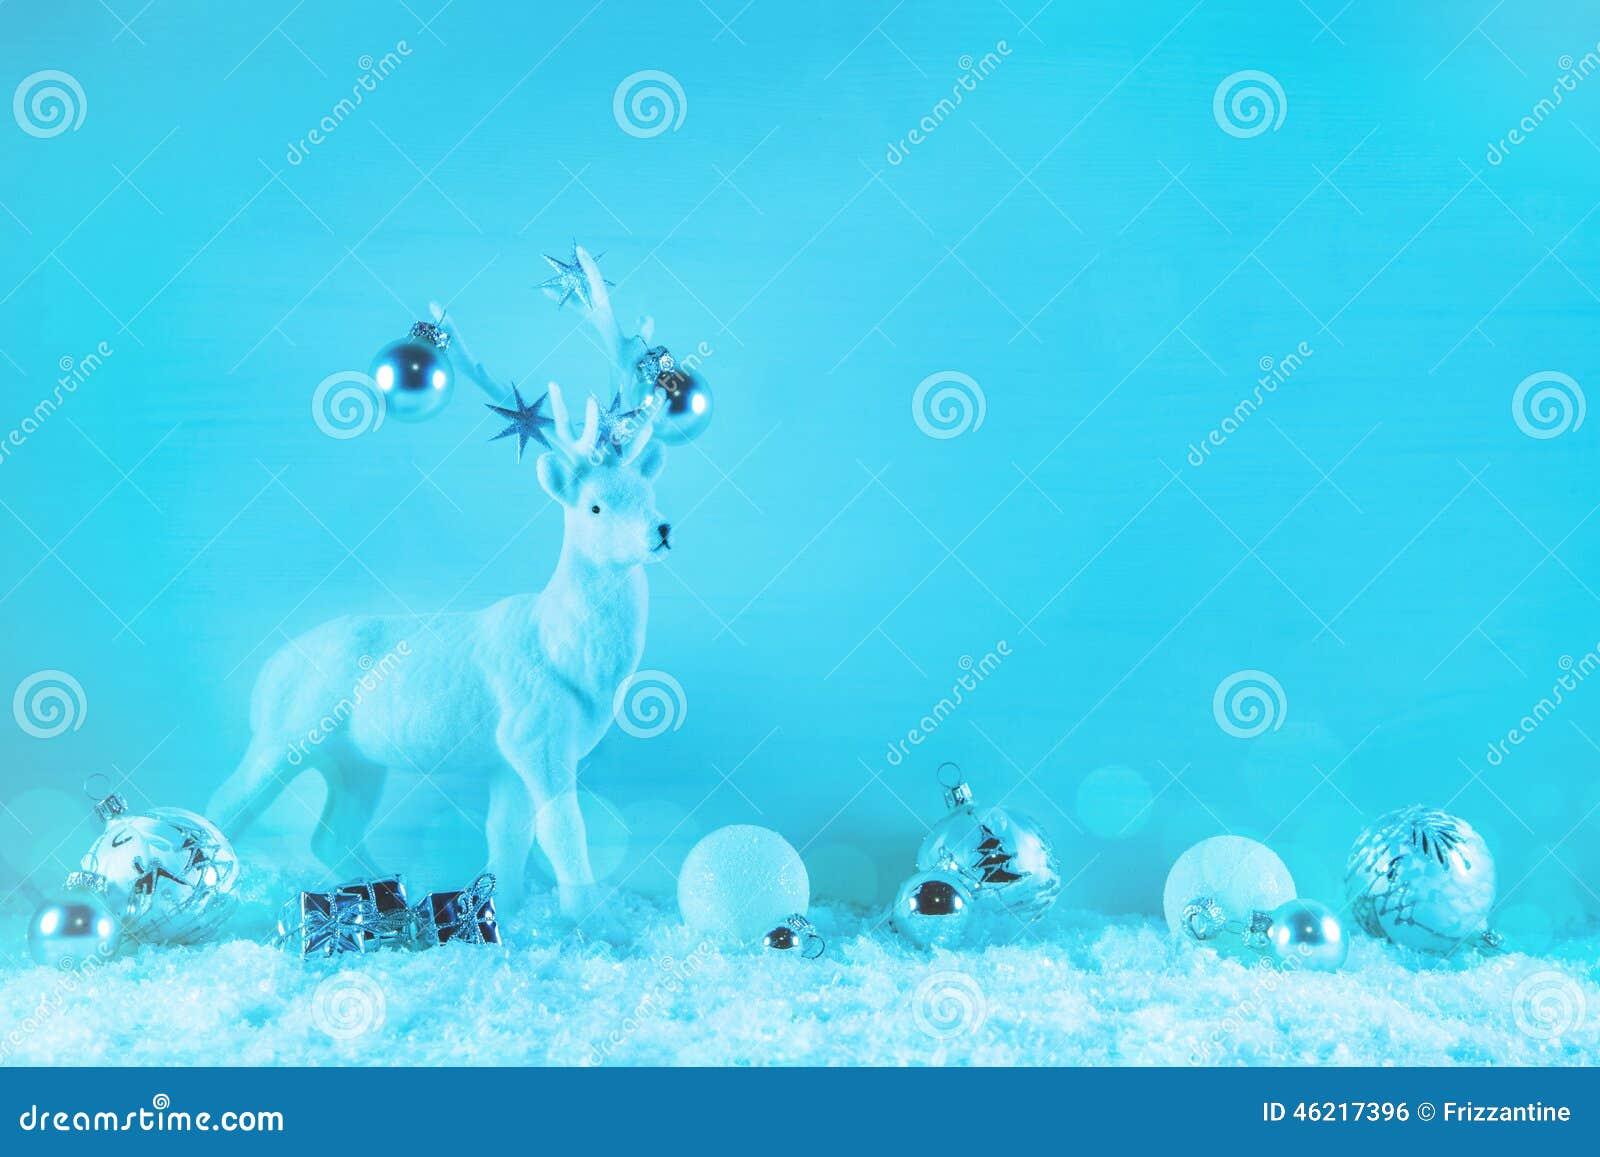 Deer Christmas Lights